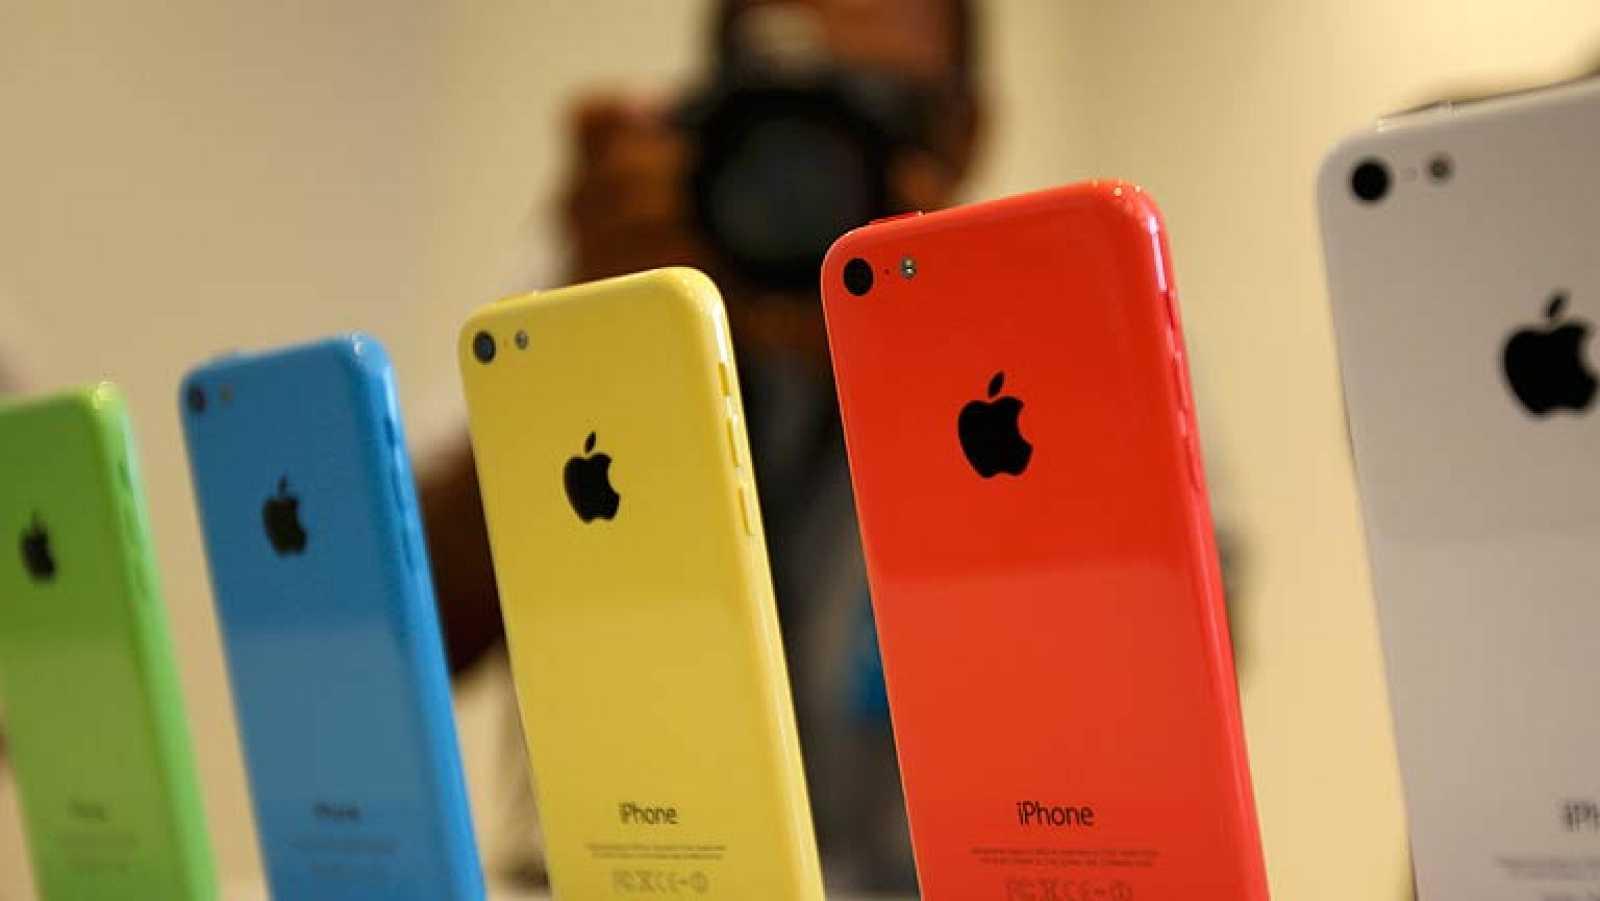 579c3595393 El nuevo iPhone 5C, un modelo más barato y de colores - RTVE.es